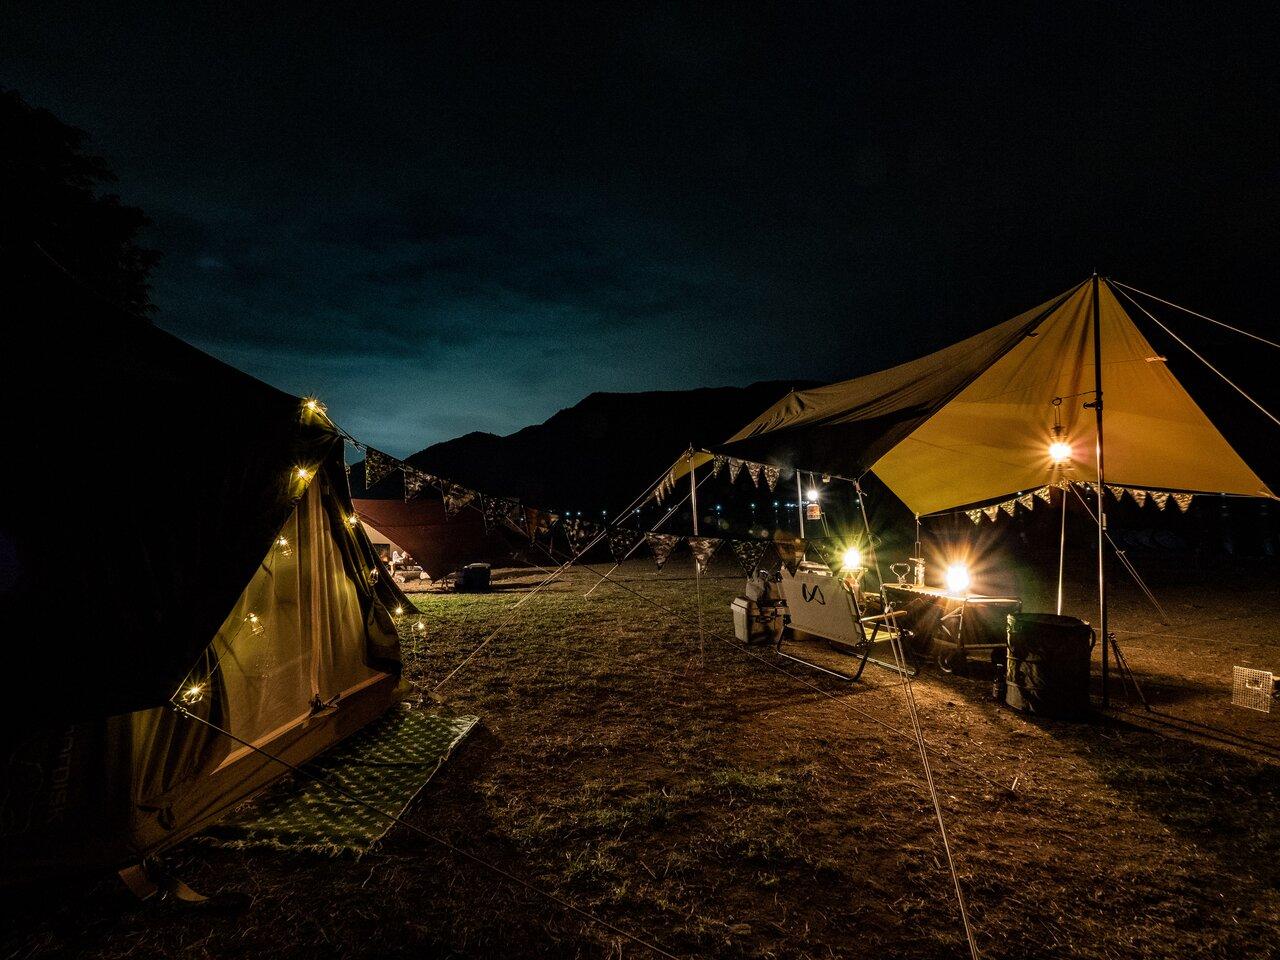 知る人ぞ知る、西湖の老舗キャンプ場で秋キャンプしてきました!